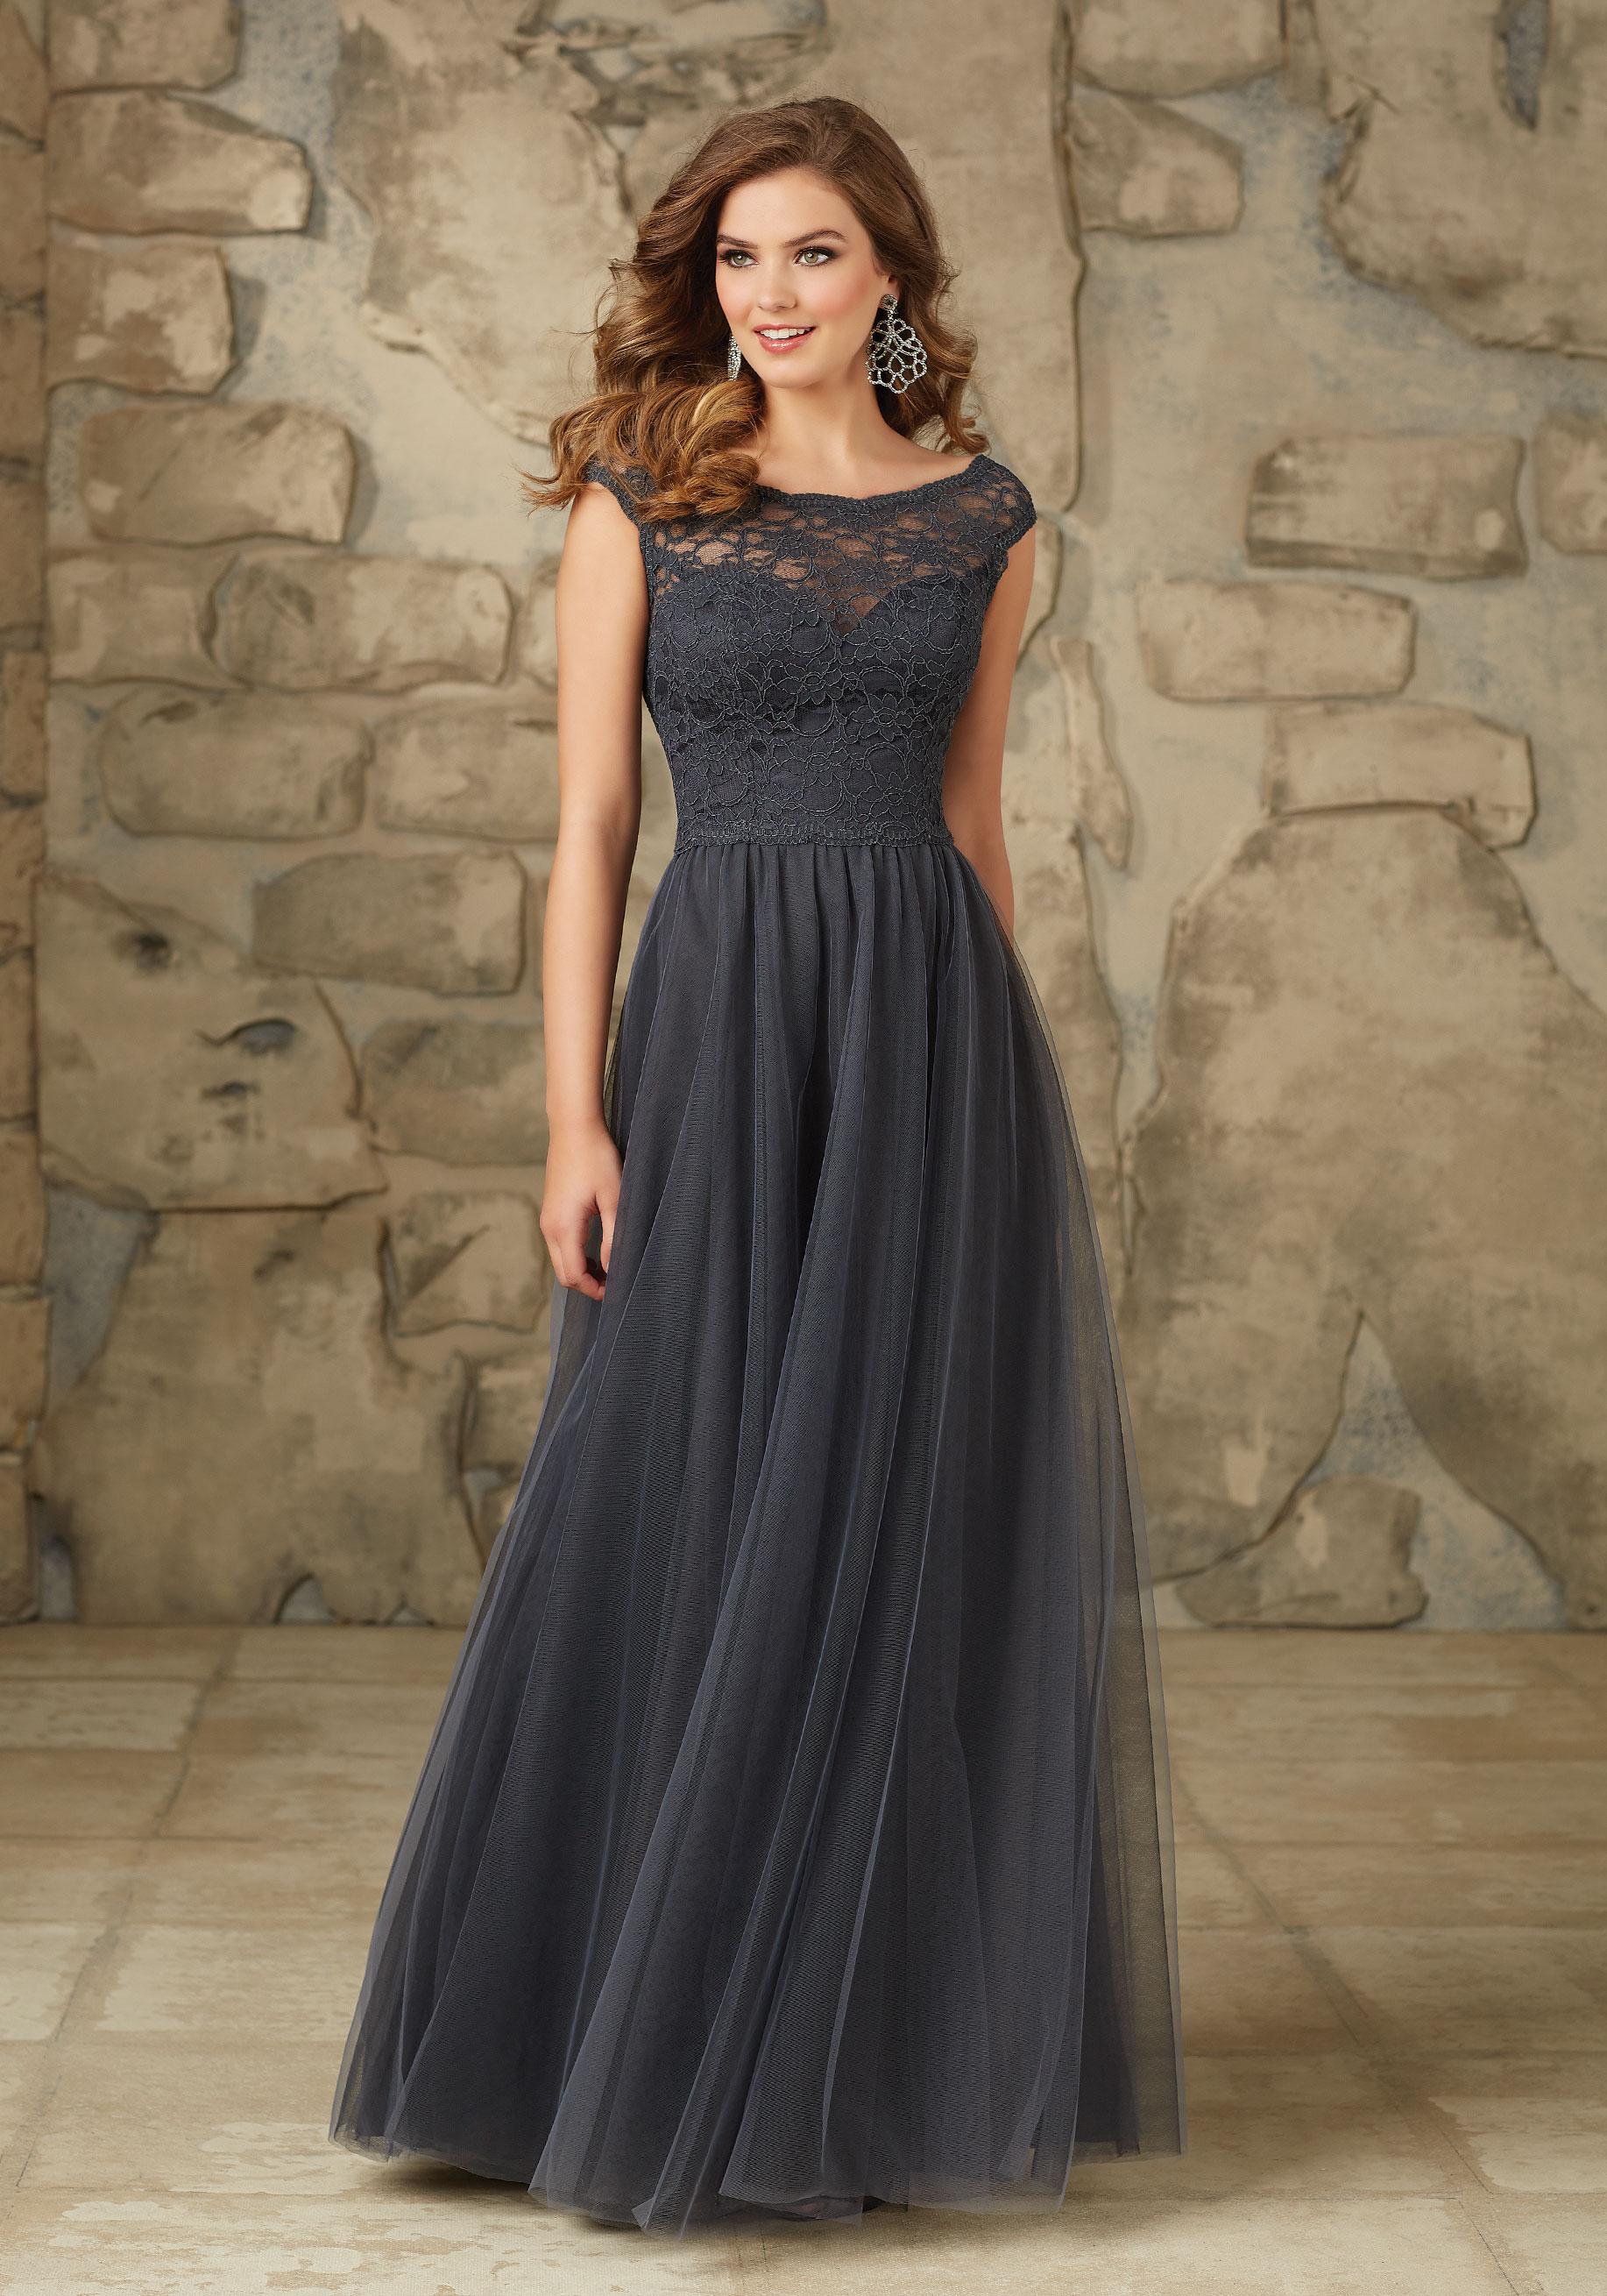 elegant lace bridesmaid dresses photo - 1